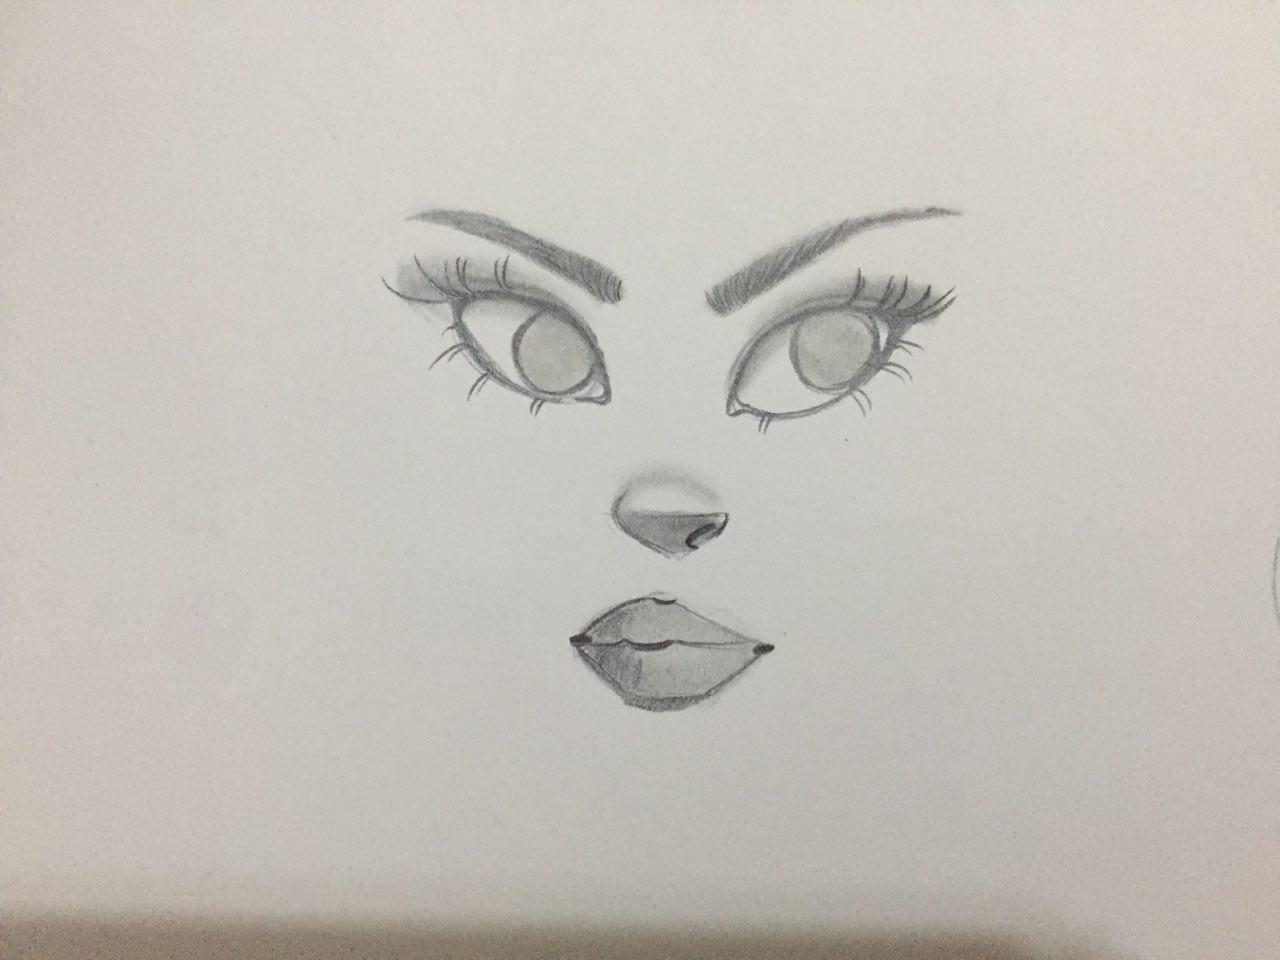 جميلة رسومات سهلة وجميلة بقلم الرصاص كل صور الحب